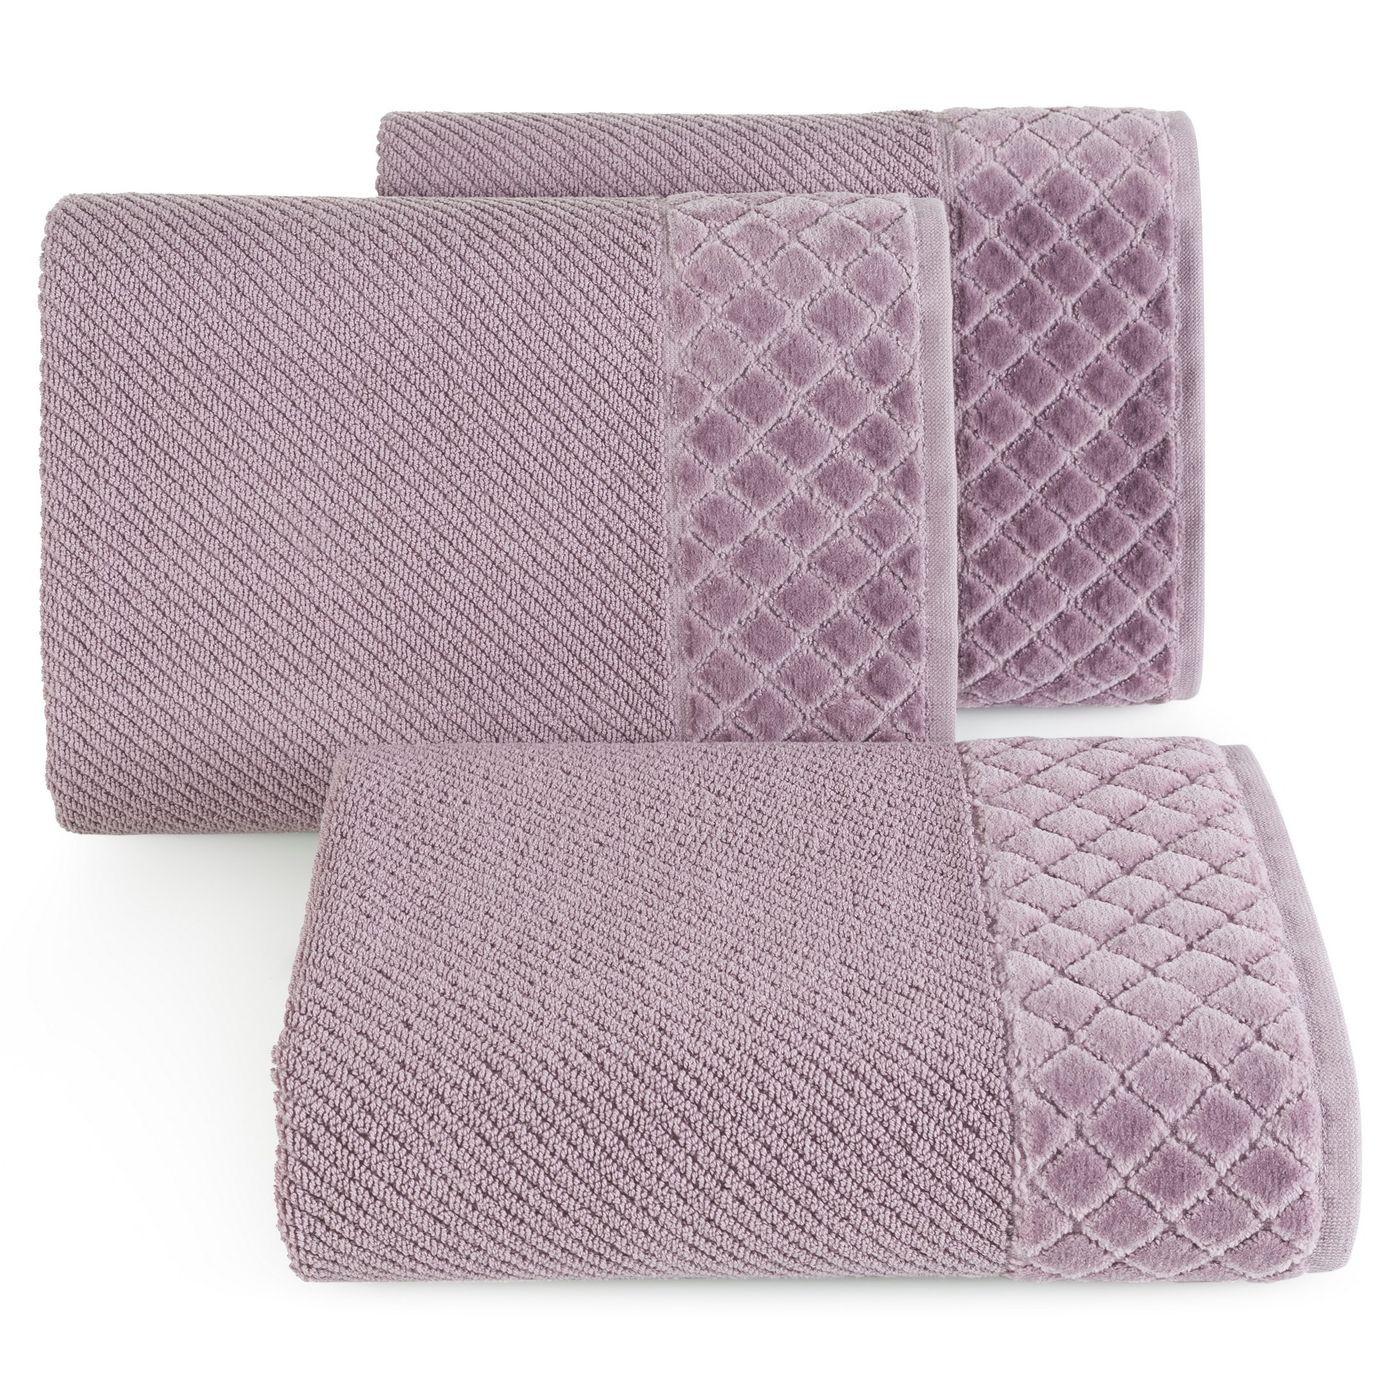 Ręcznik z bawełny z miękką bordiurą w kosteczkę 70x140cm ciemnoróżowy